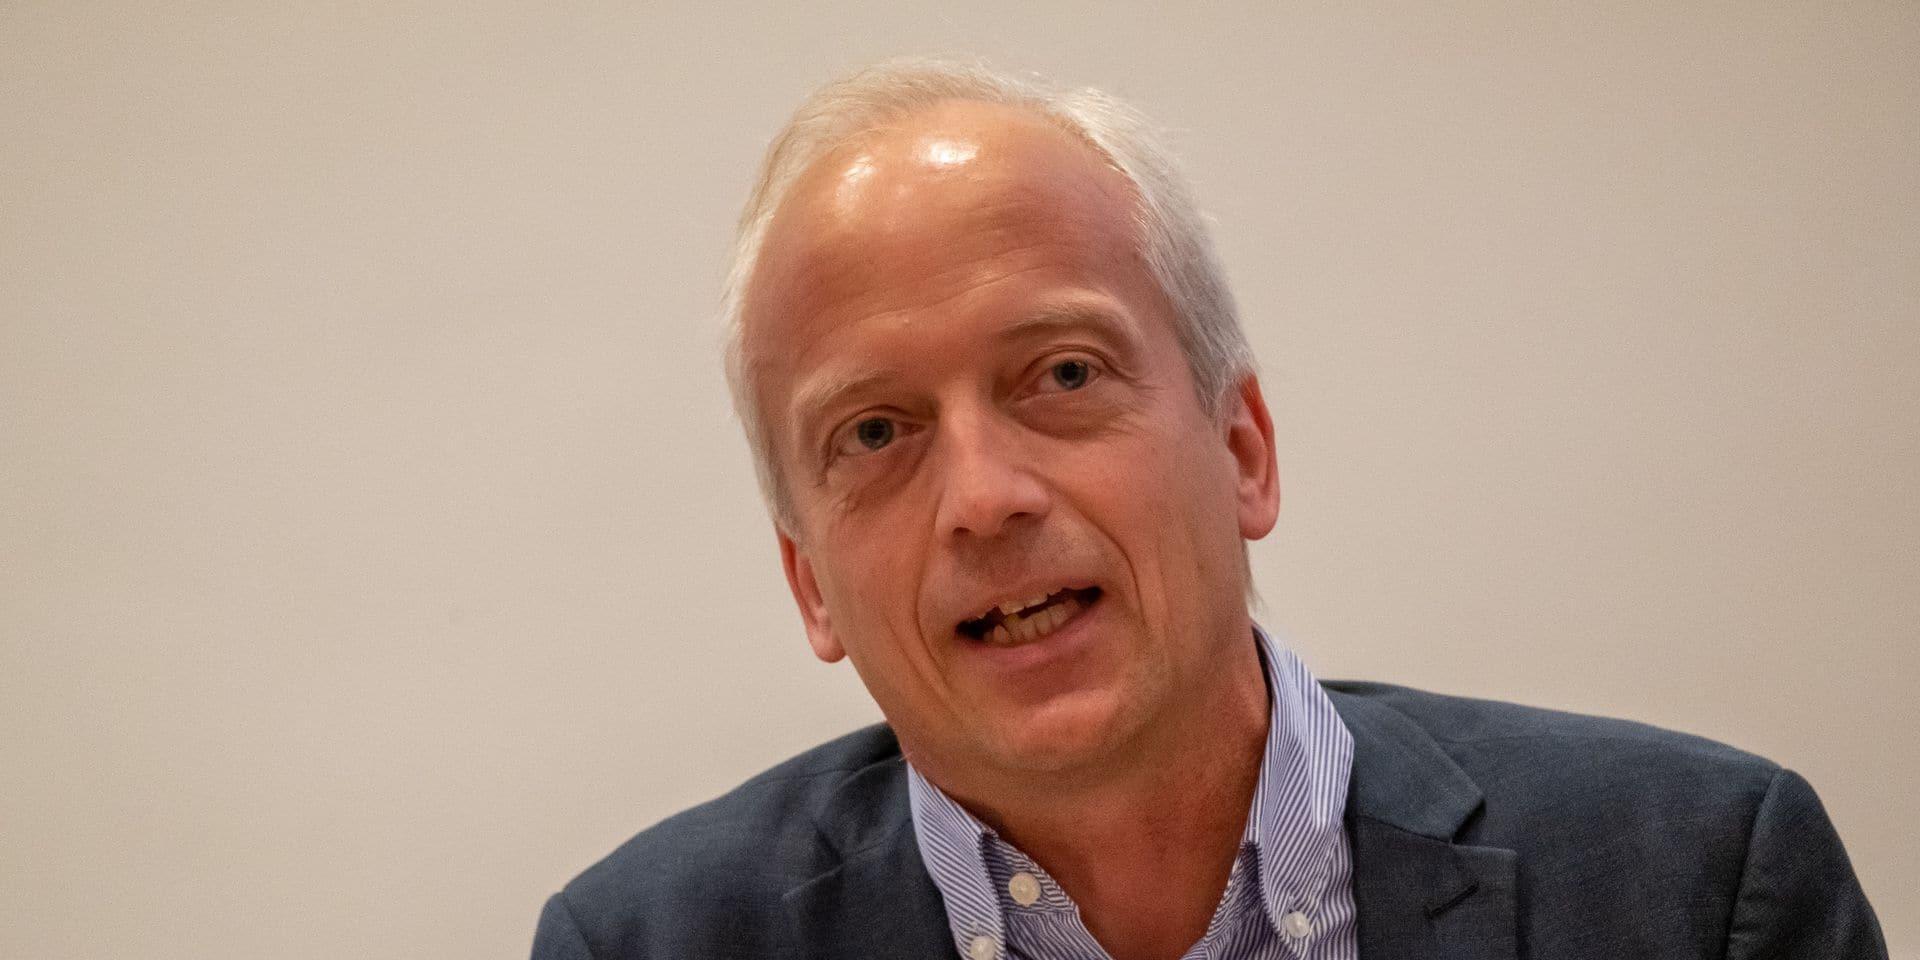 """Yves Coppieters pense au moral de la population et prône la réouverture de certains secteurs: """"La situation devient intenable"""""""